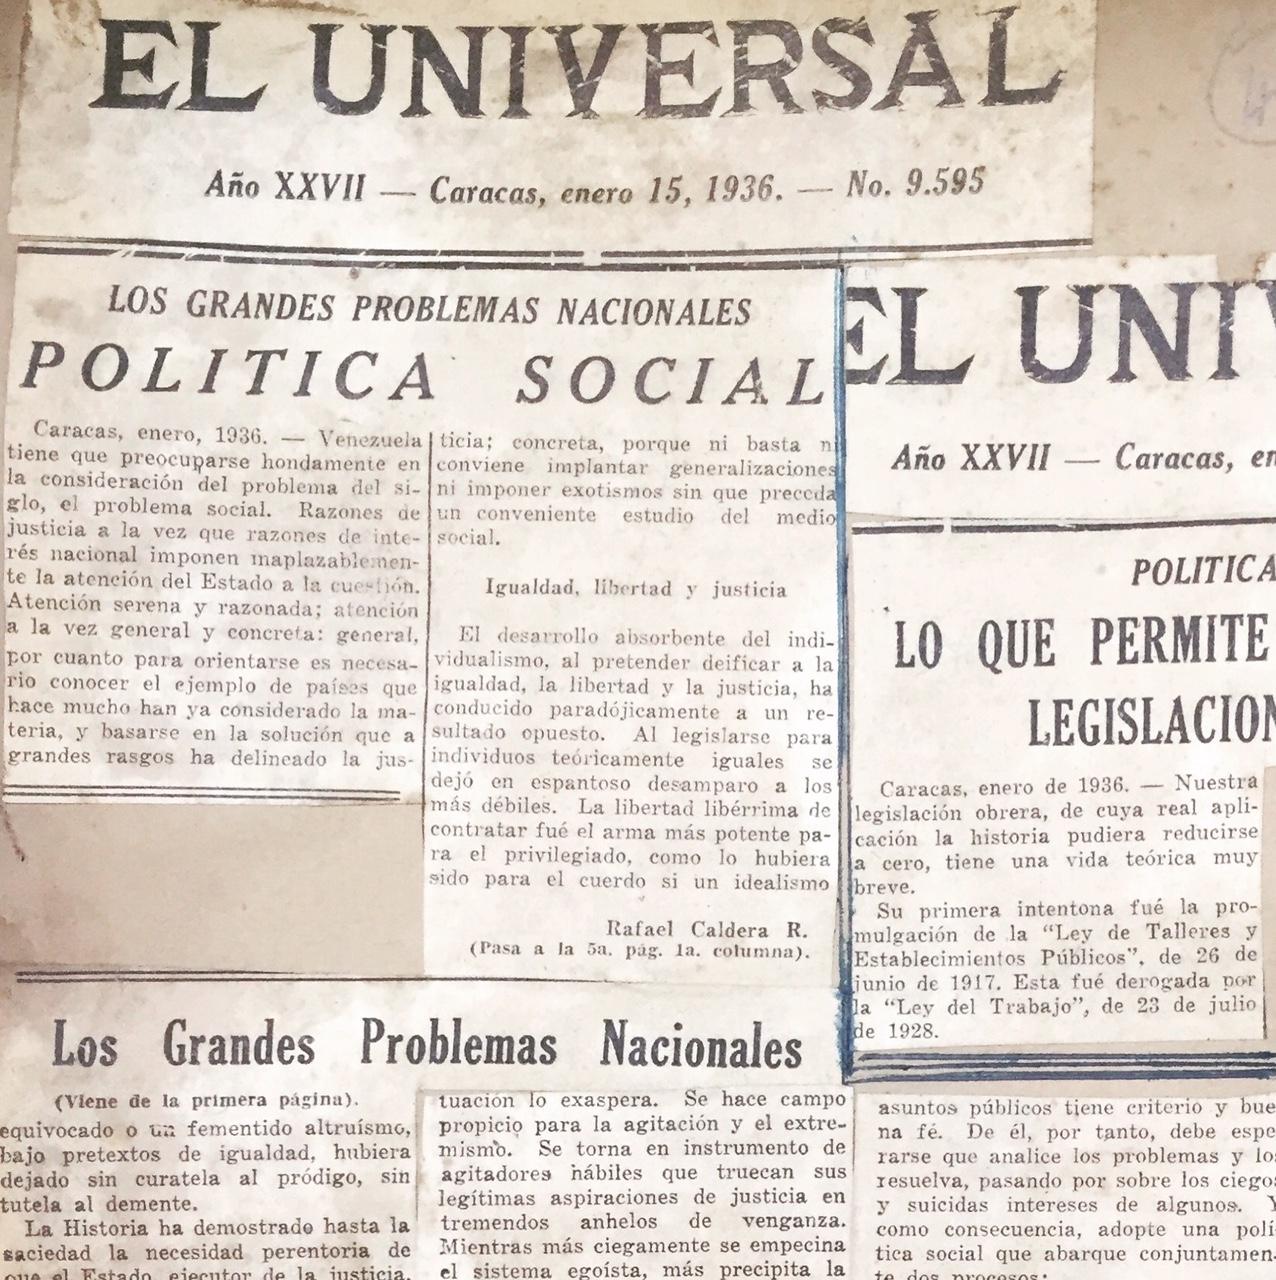 1936. Enero, 15. El Universal: Política Social (Los grandes problemas nacionales)